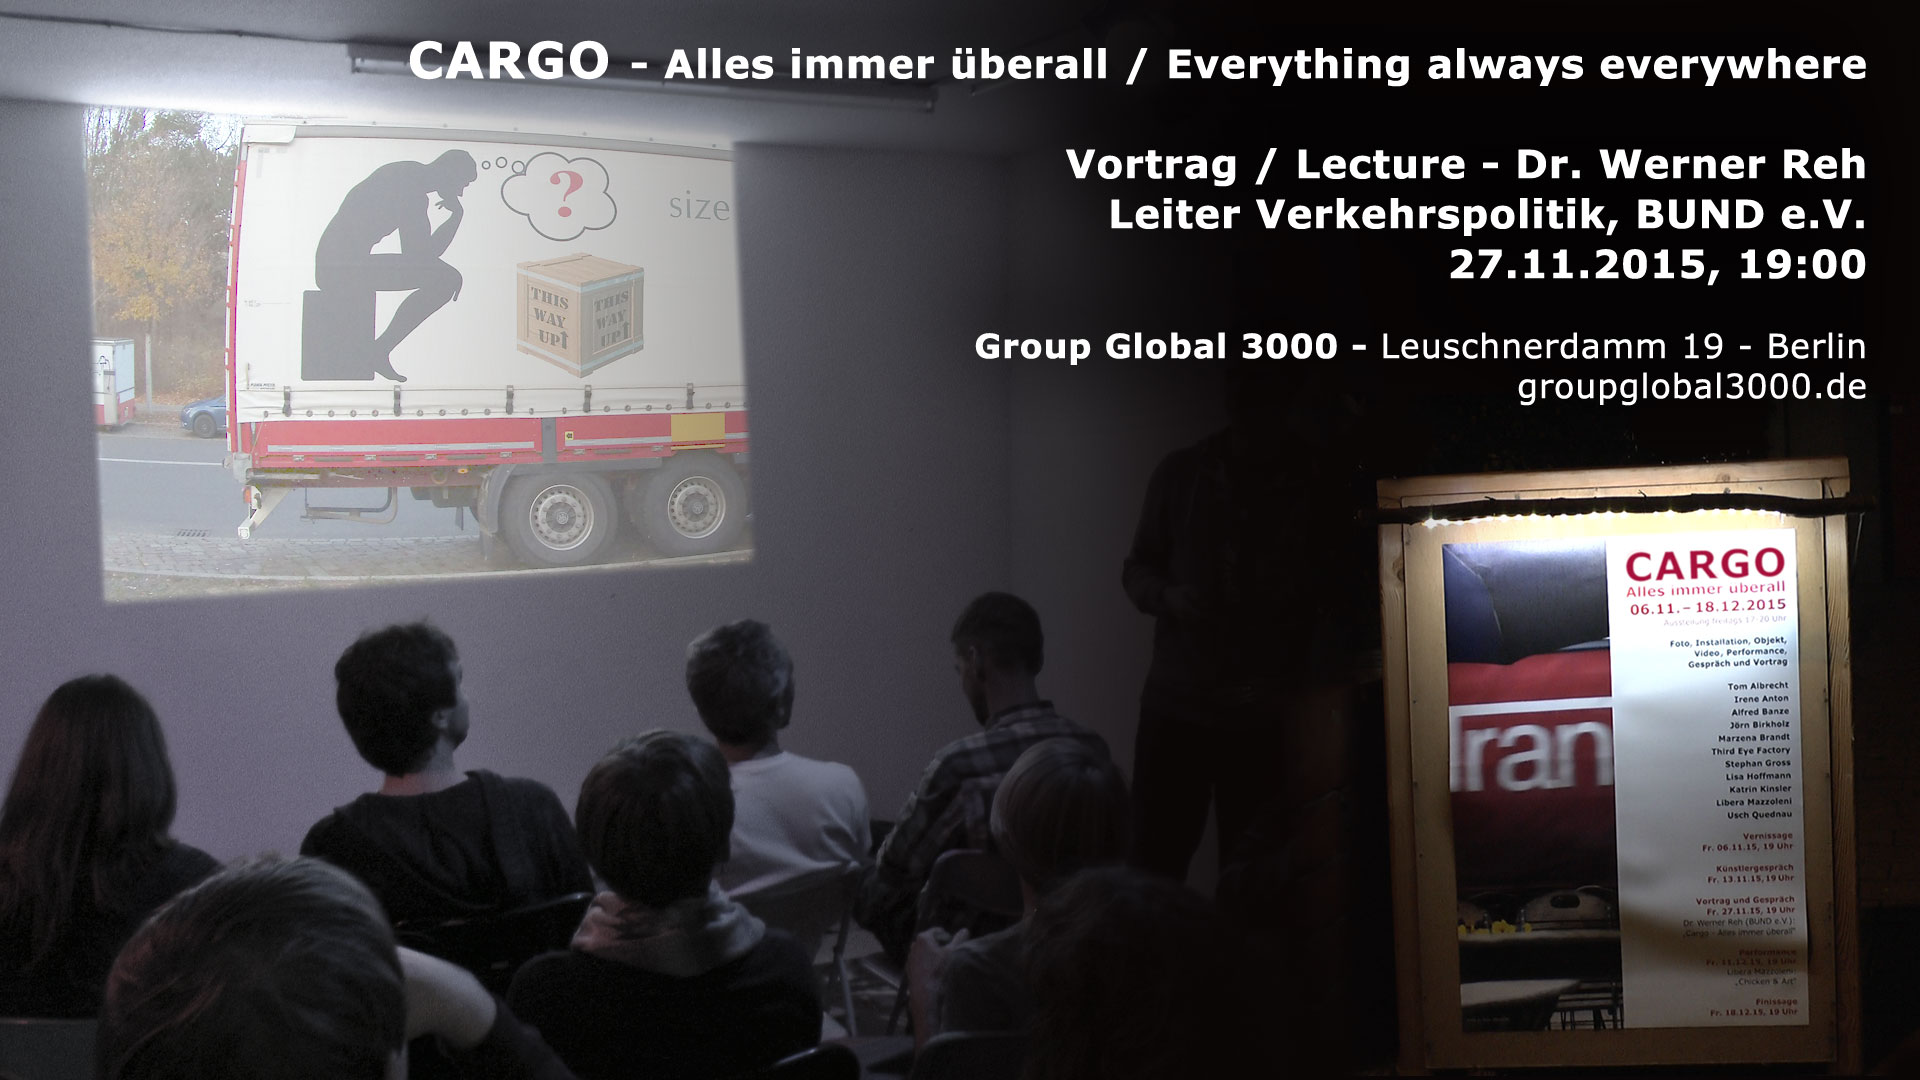 Cargo-Vortrag-FB